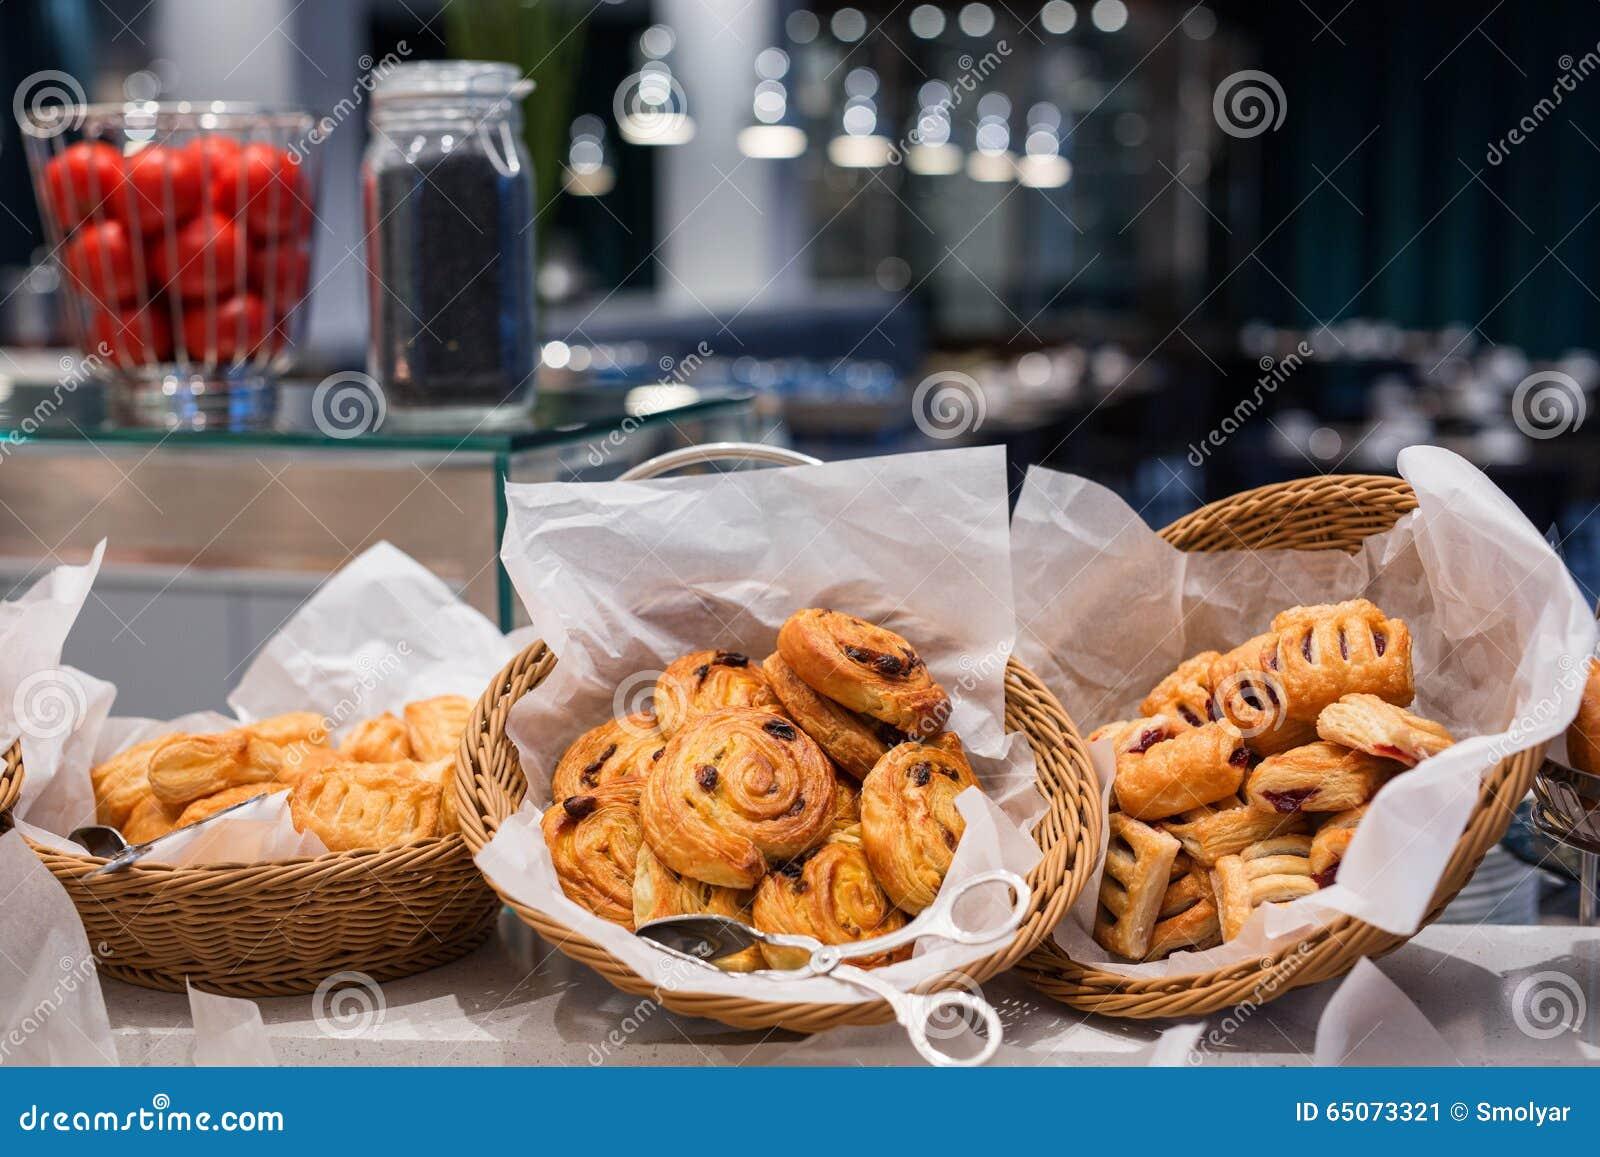 Comida fría de los pasteles para el desayuno o brunch dominical en interior del restaurante del hotel